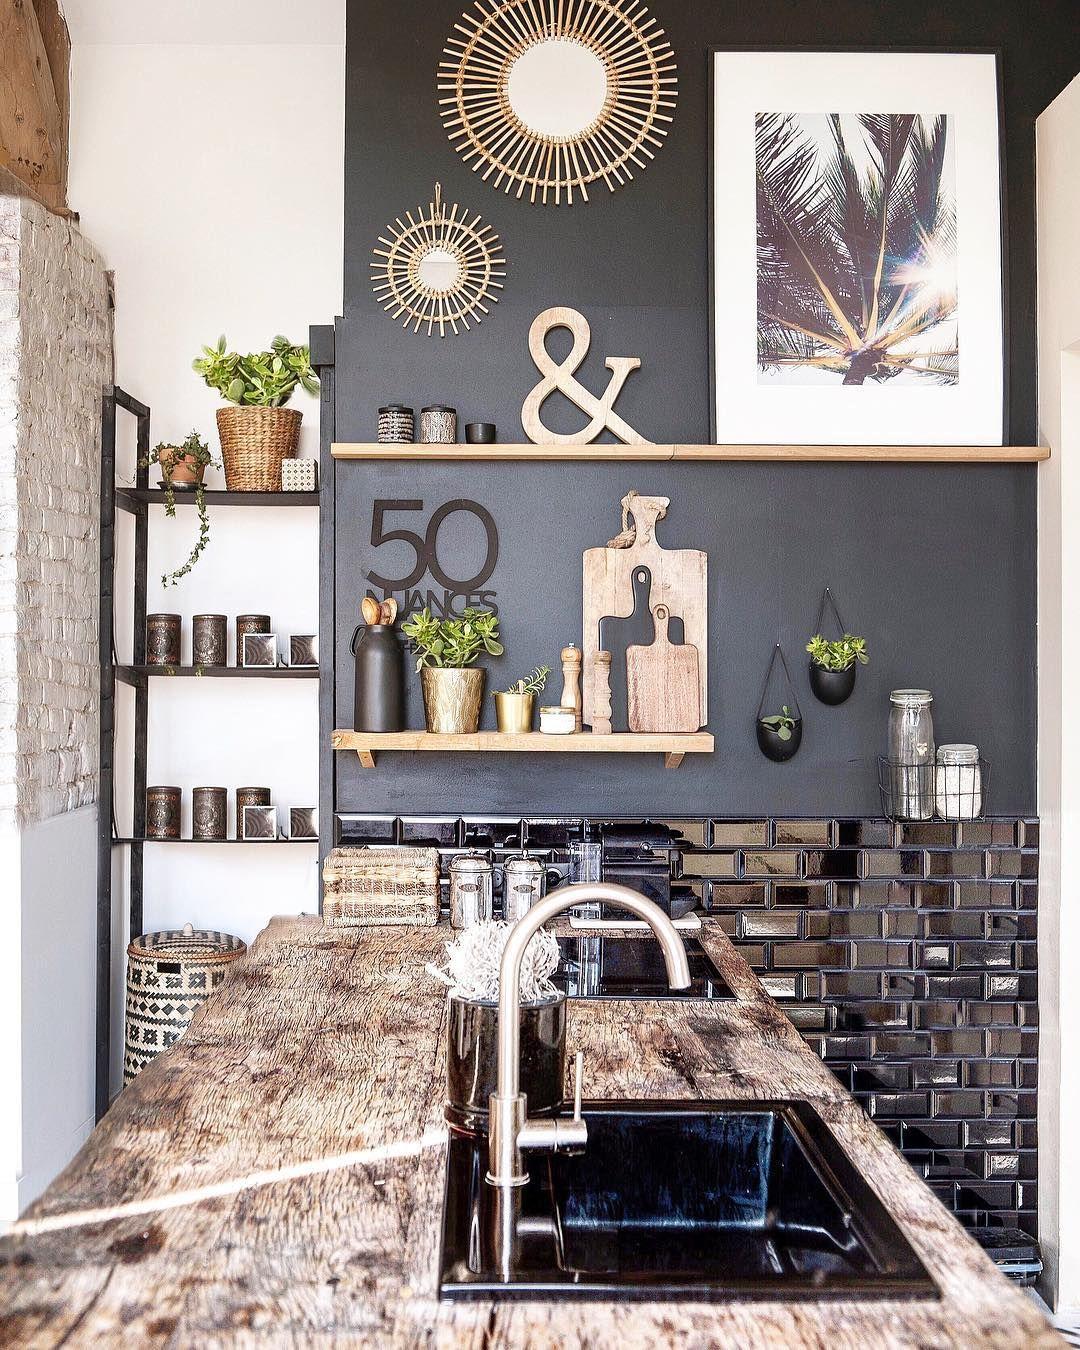 Ma cuisine : Décoration & Ambiance en 20  Décoration cuisine